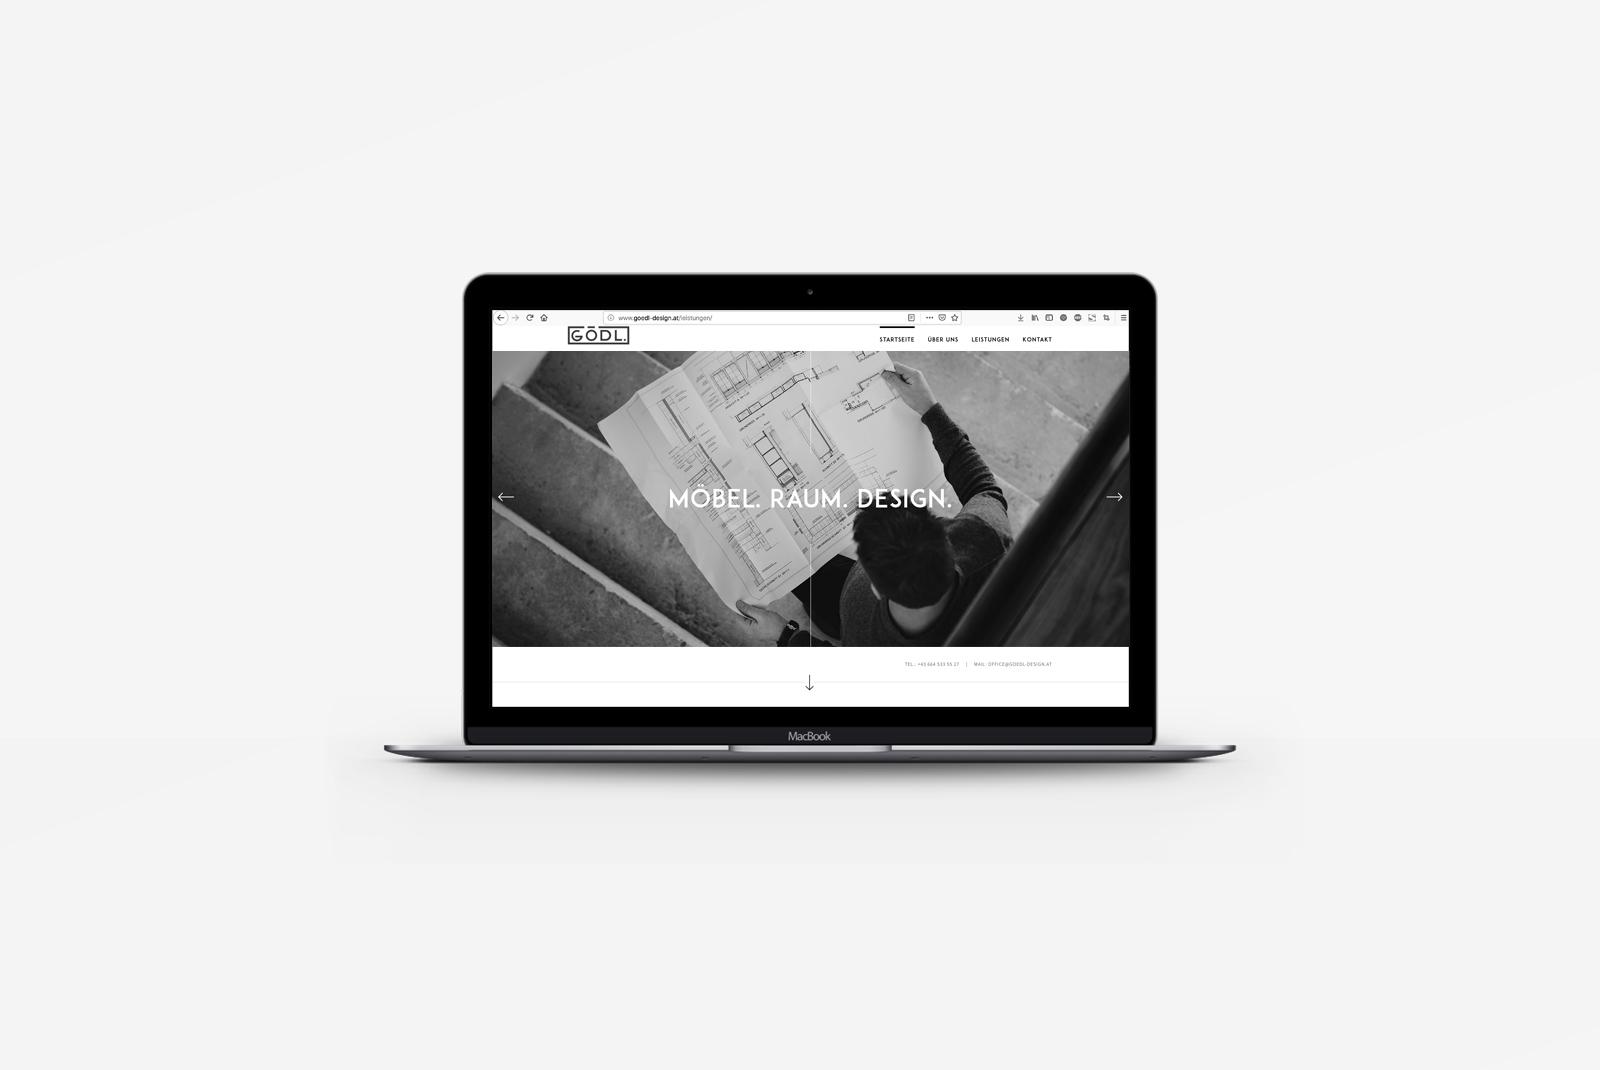 goedl-website